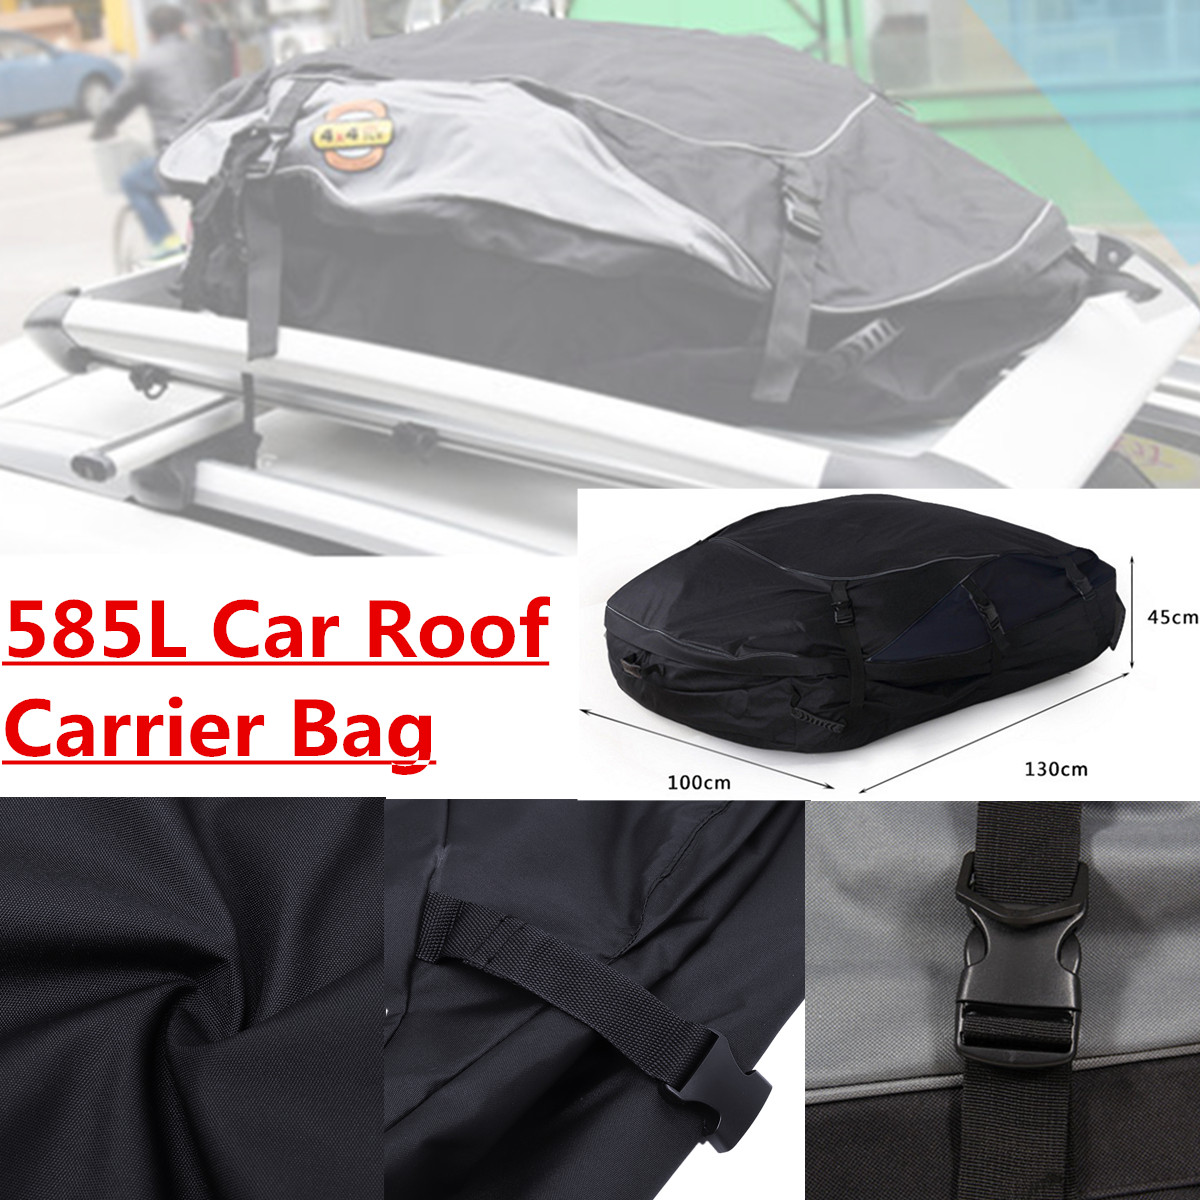 130X100X45 cm sac de toit de voiture sac de toit supérieur porte-bagages transporteur de bagages voyage étanche Touring SUV Van pour les voitures - 2